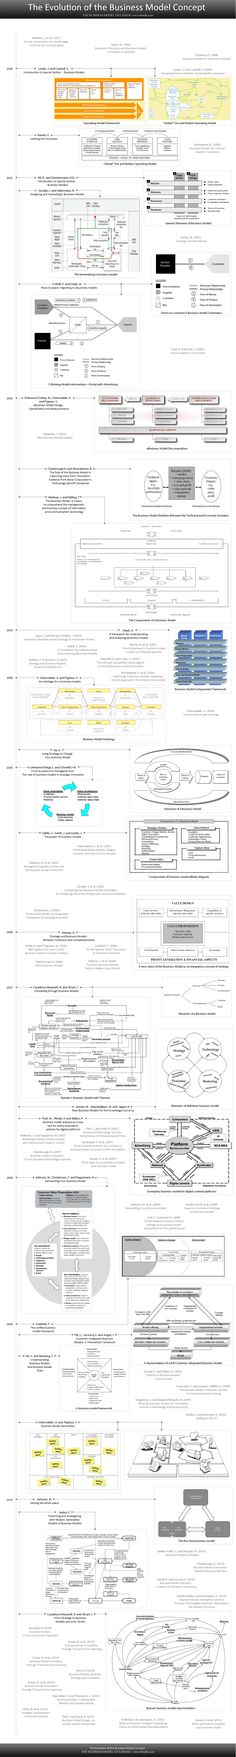 the evolution of business model methodologies